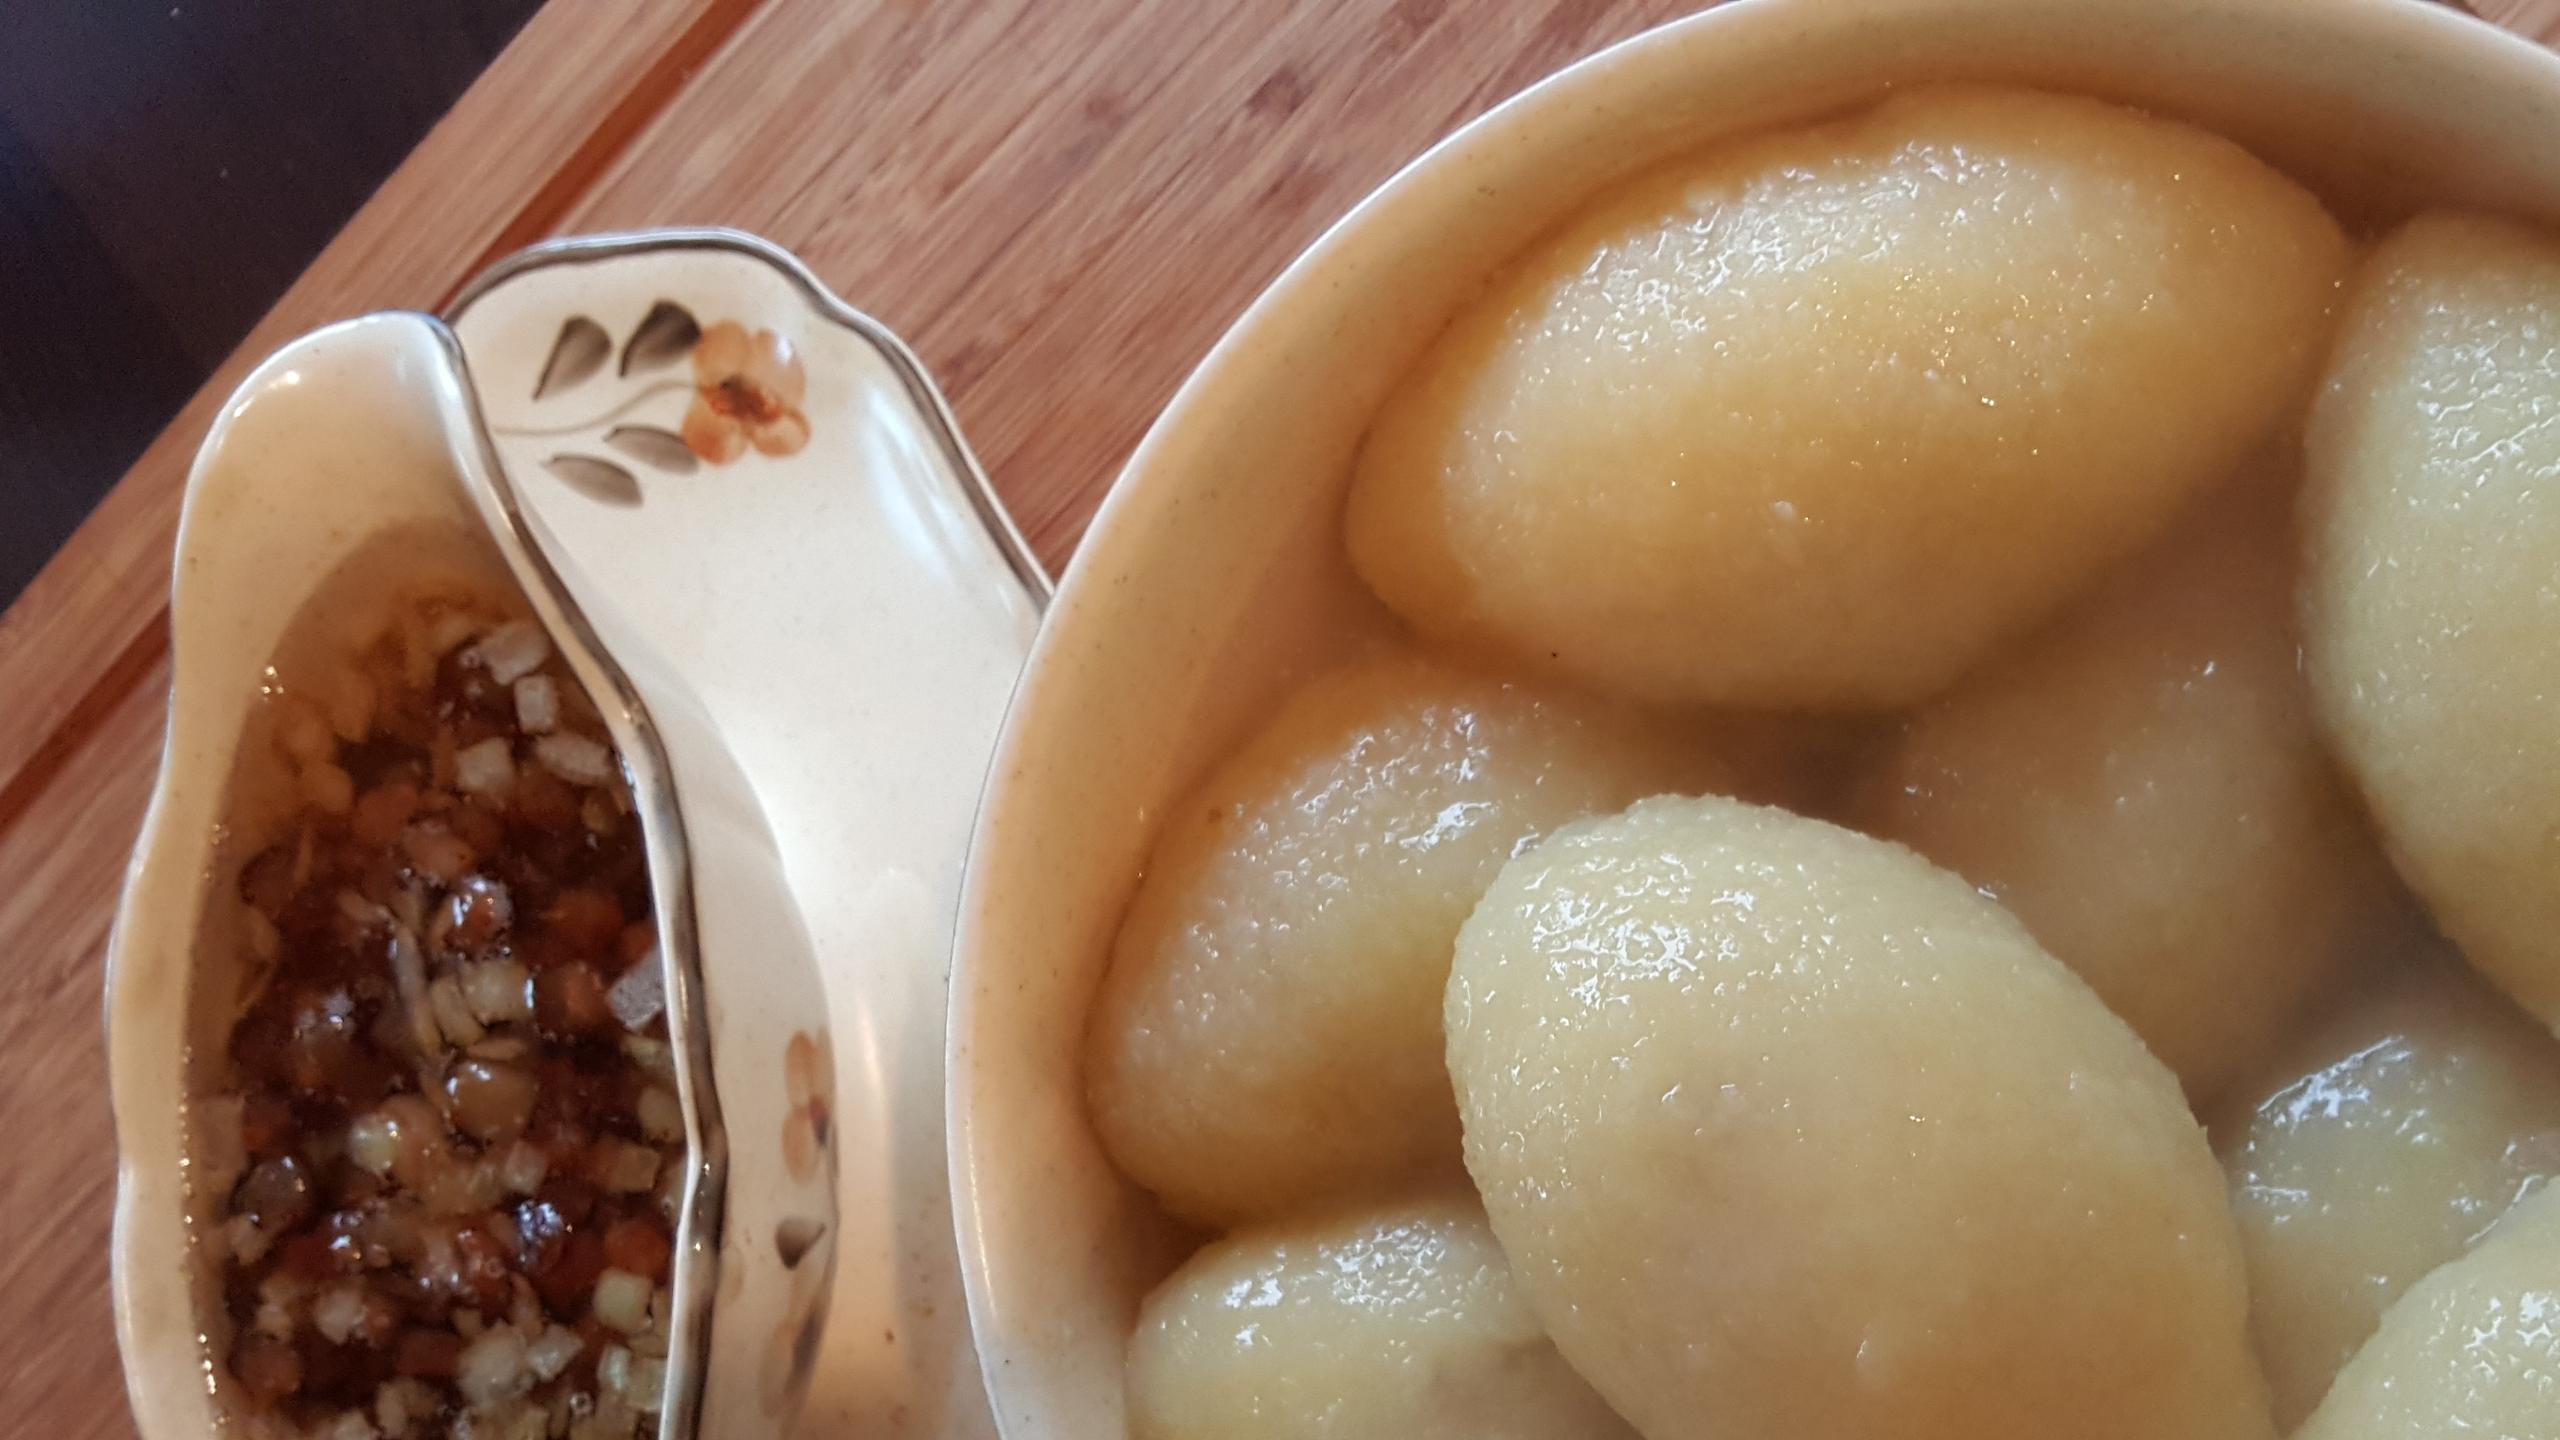 Lietuviškį tradiciniai cepelinai is prancūziškų bulvių